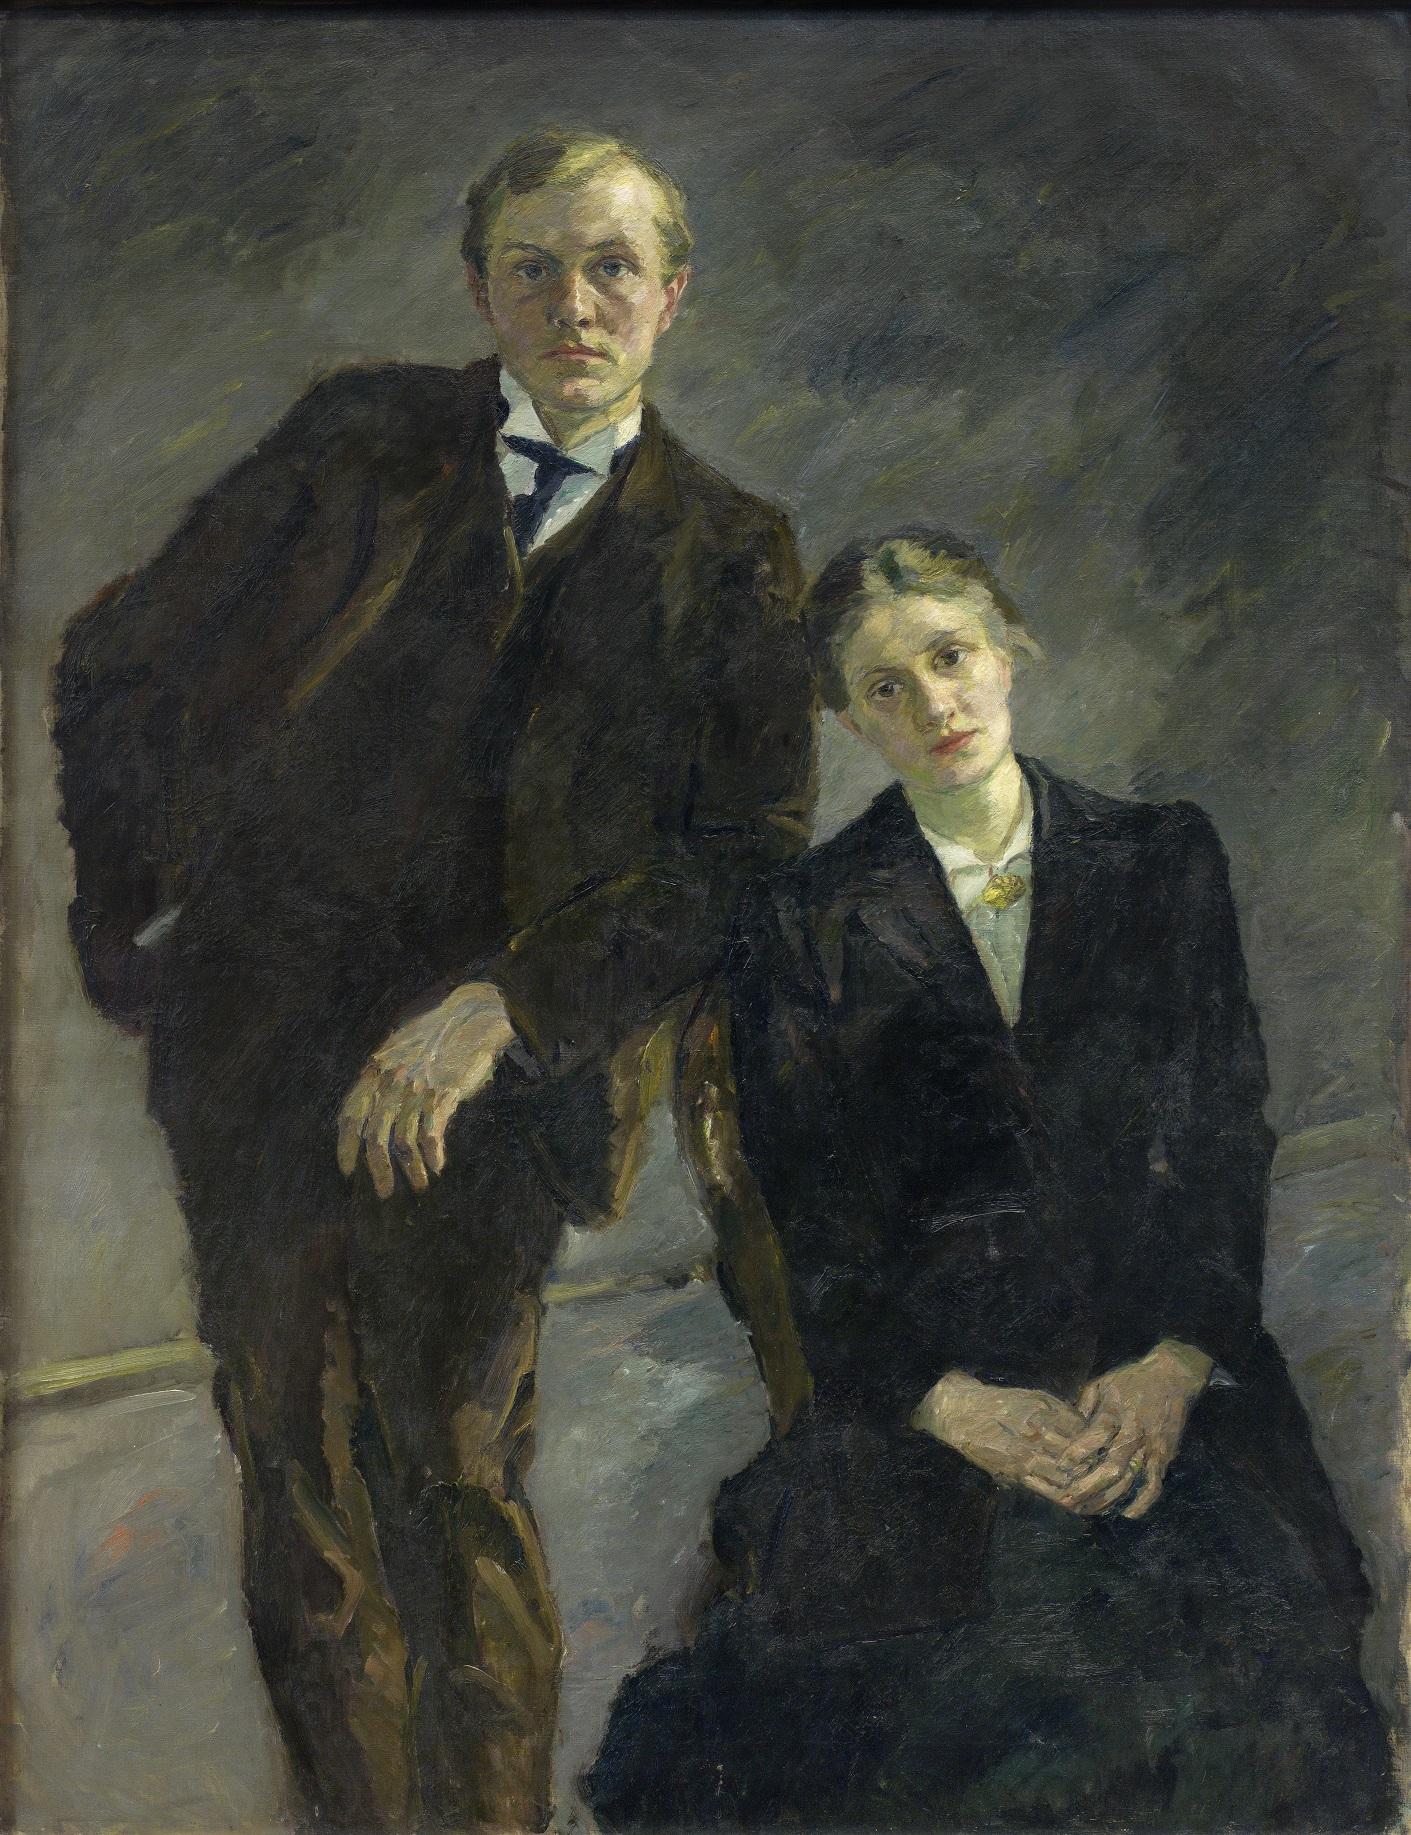 Max Beckmann, Doppelbildnis Max Beckmann und Minna Beckmann-Tube, 1909, Kulturstiftung Sachsen-Anhalt, Kunstmuseum Moritzburg Halle (Saale)